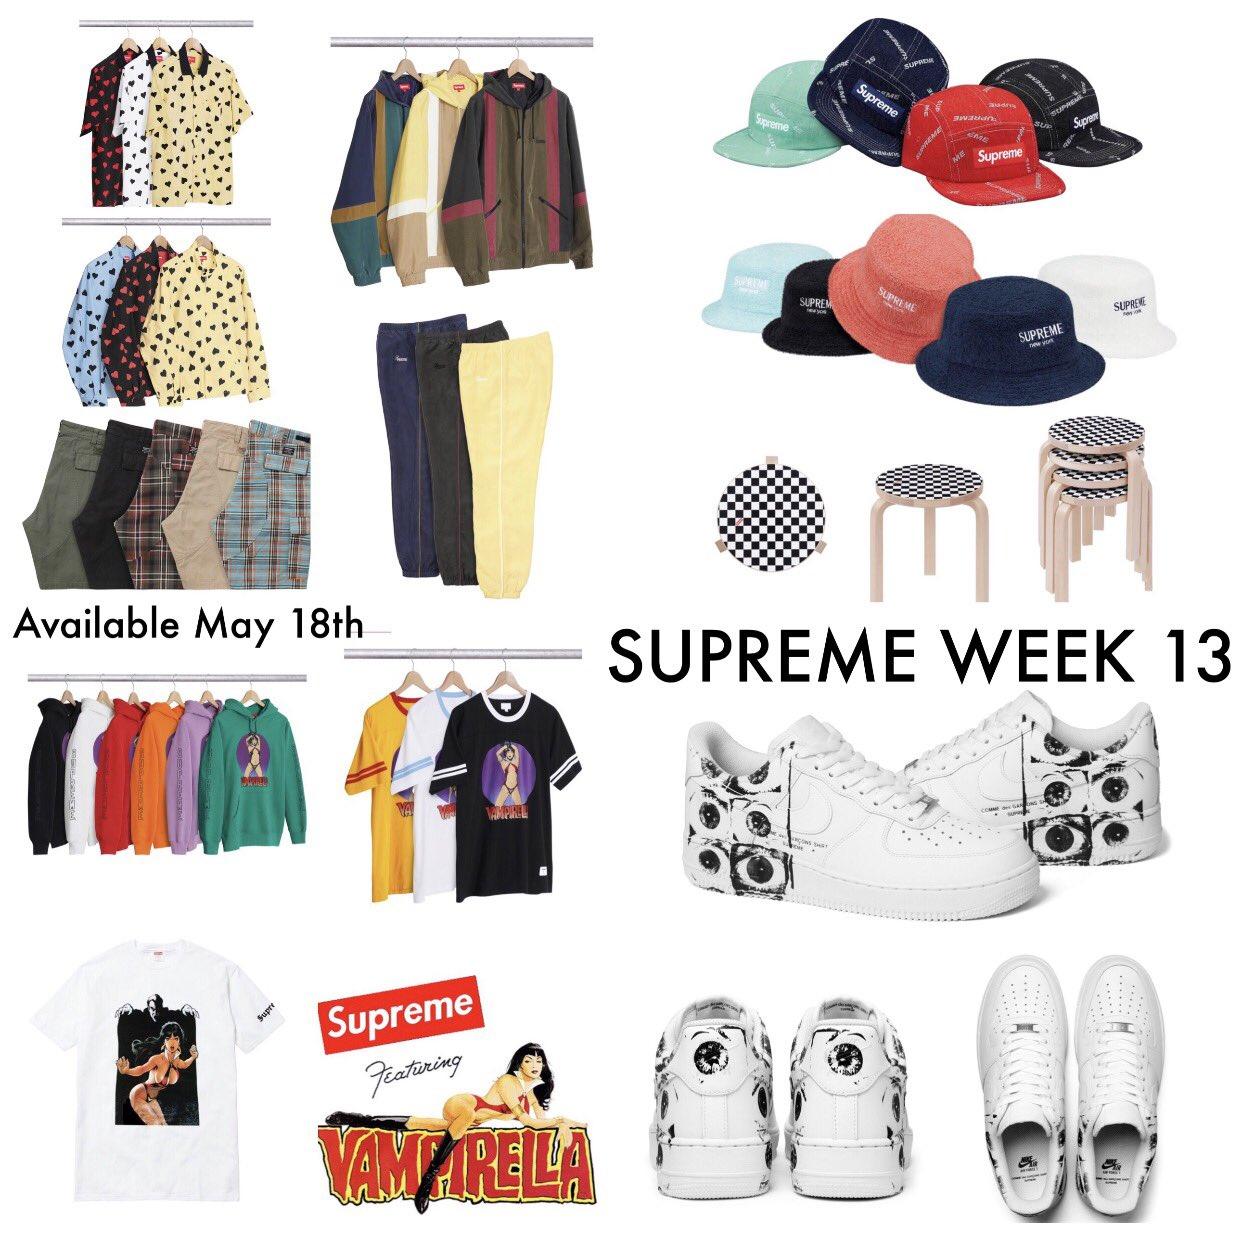 Supreme Week 13